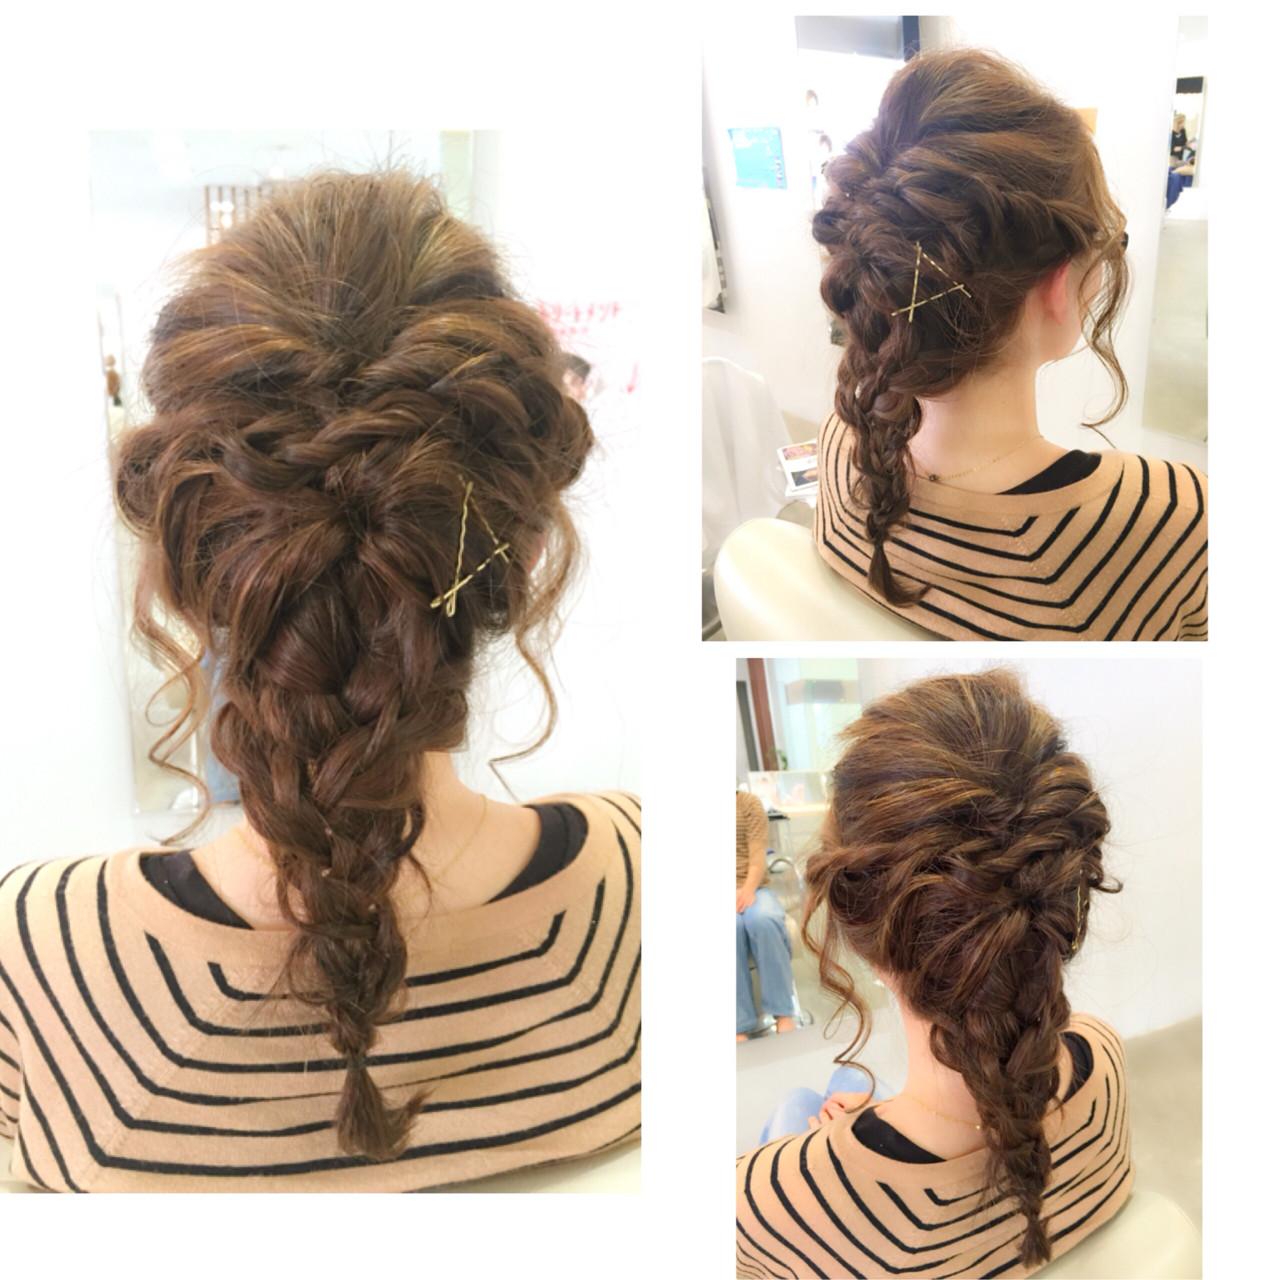 ヘアアレンジ ショート ロング ハーフアップ ヘアスタイルや髪型の写真・画像 | 牧 美幸 / Julia by BEAUTY STREAM